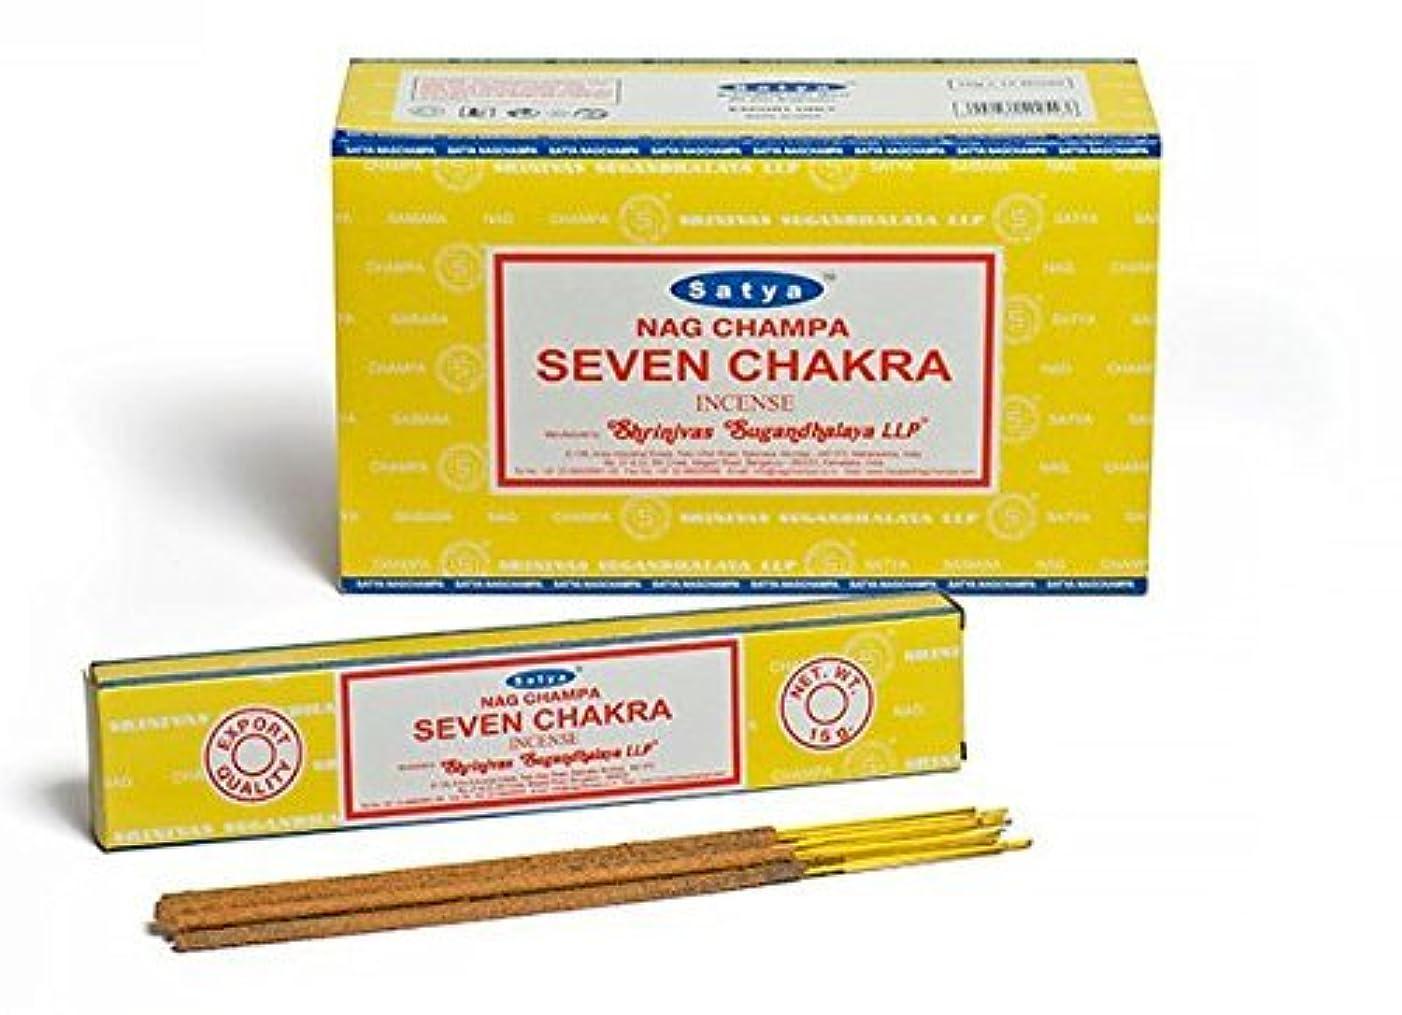 国旗感情のボタンBuycrafty Satya Champa Seven Chakra Incense Stick,180 Grams Box (15g x 12 Boxes)